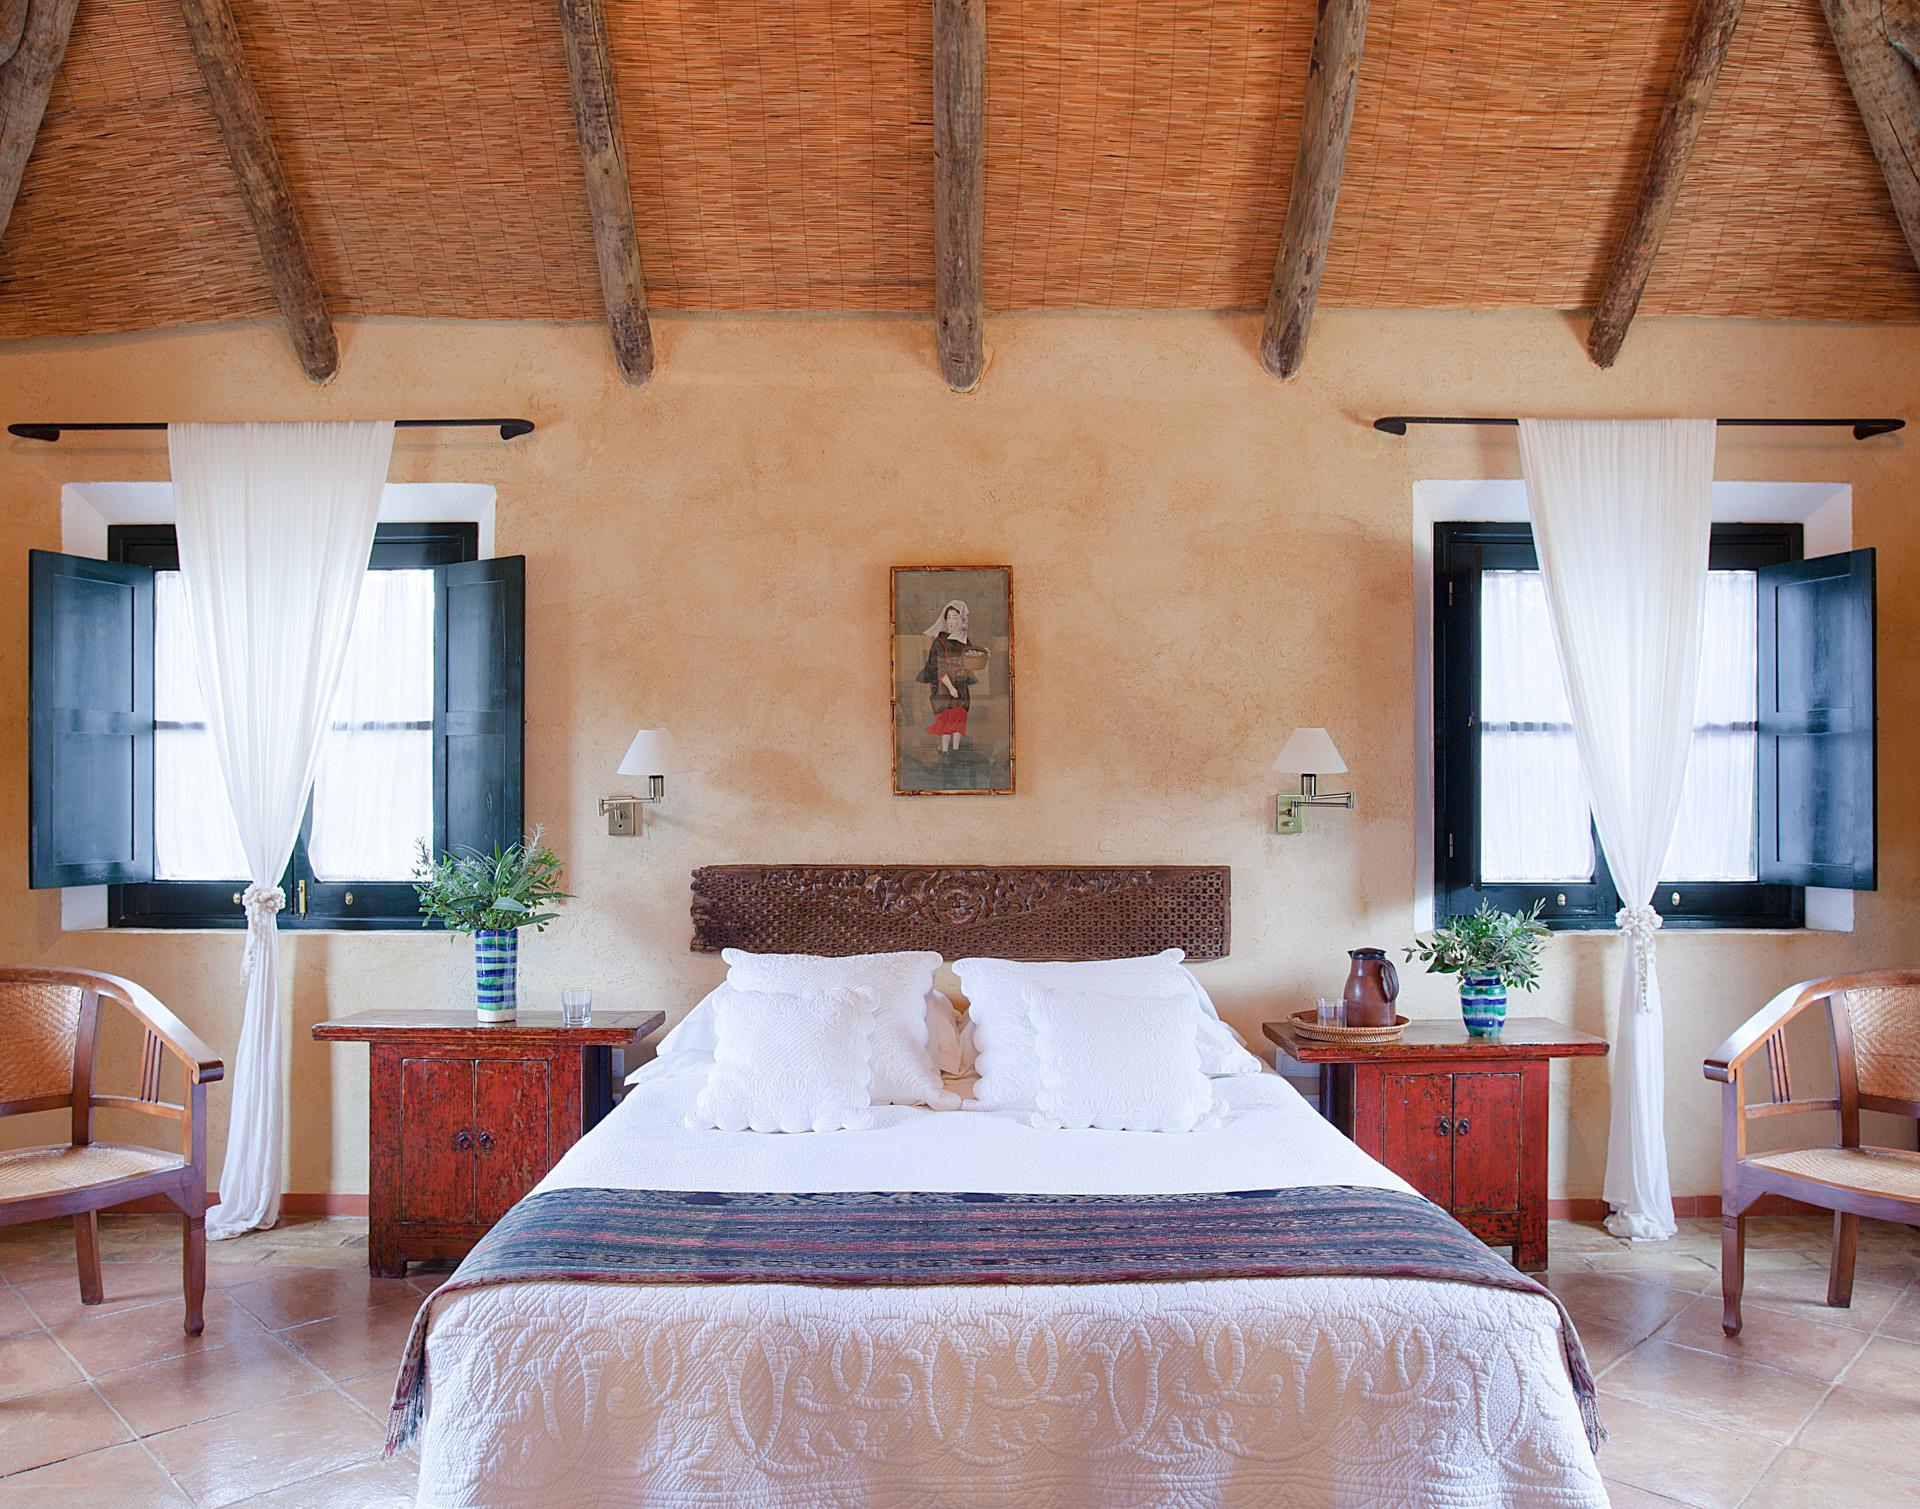 hospitality_tourism_17